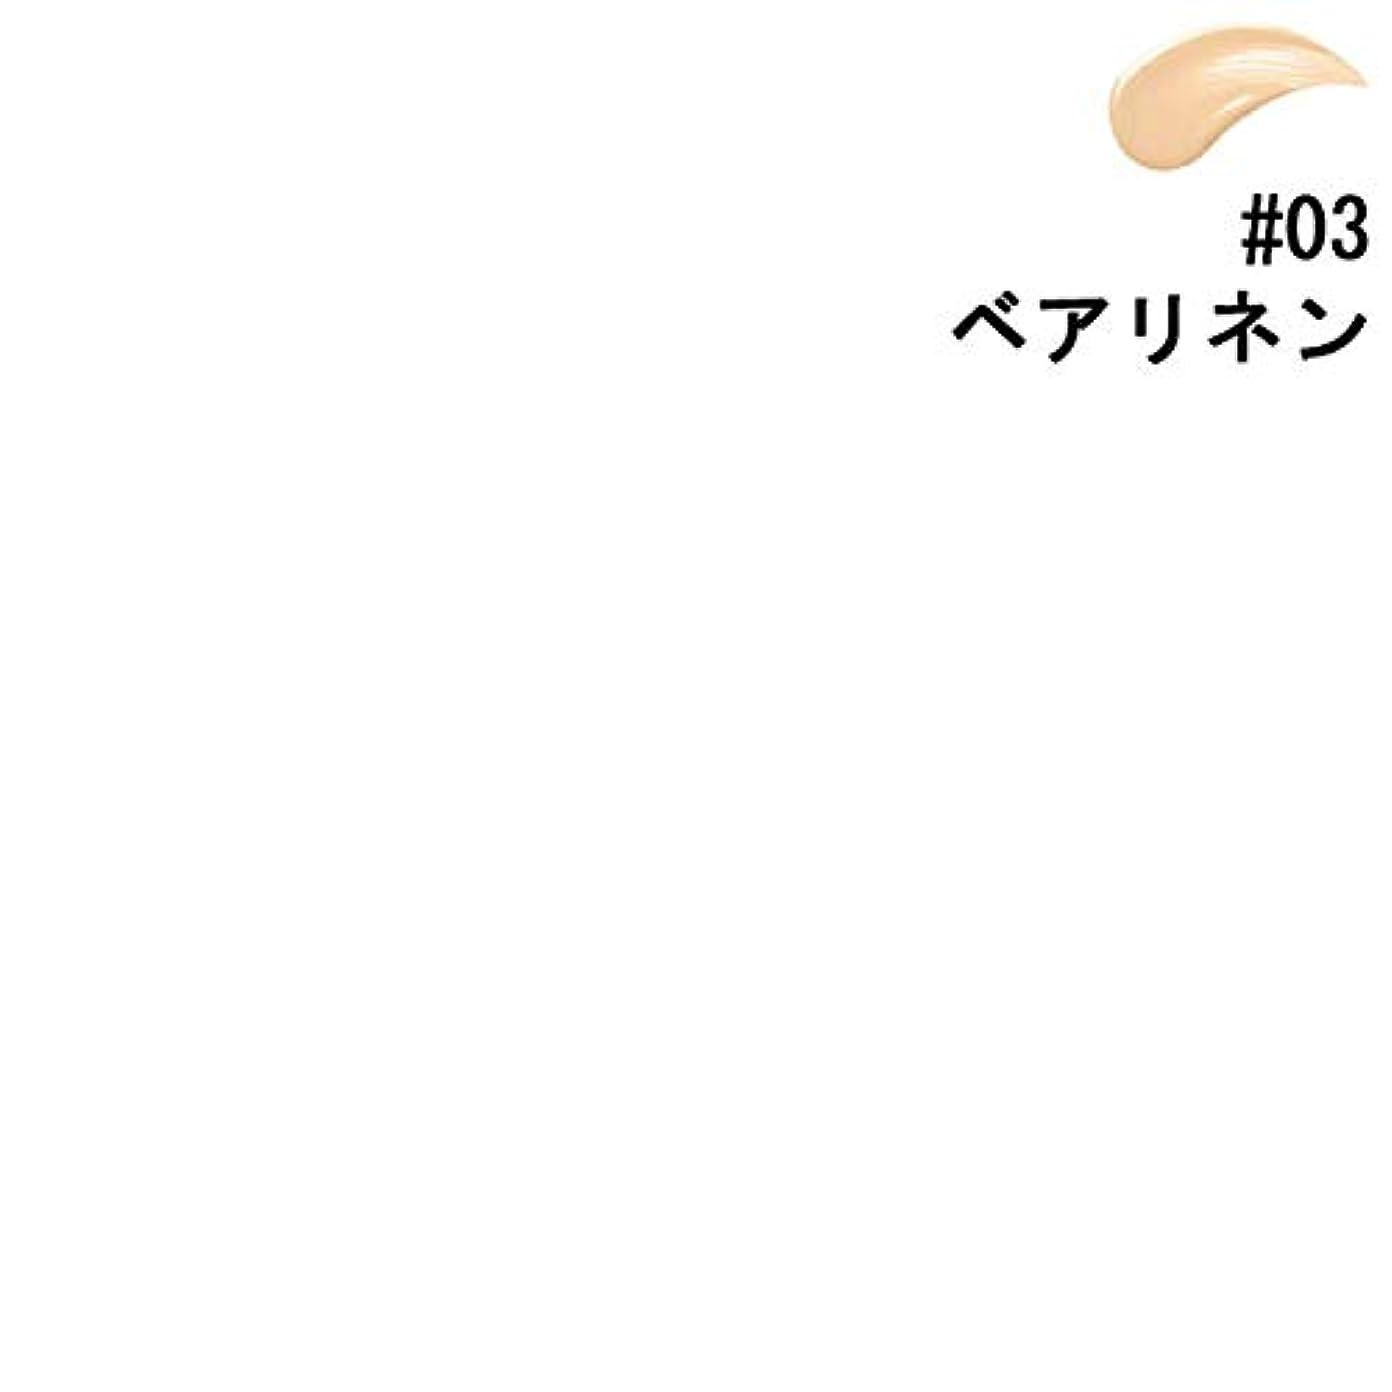 のみ拘束給料【ベアミネラル】ベアミネラル ベア ファンデーション #03 ベアリネン 30ml [並行輸入品]